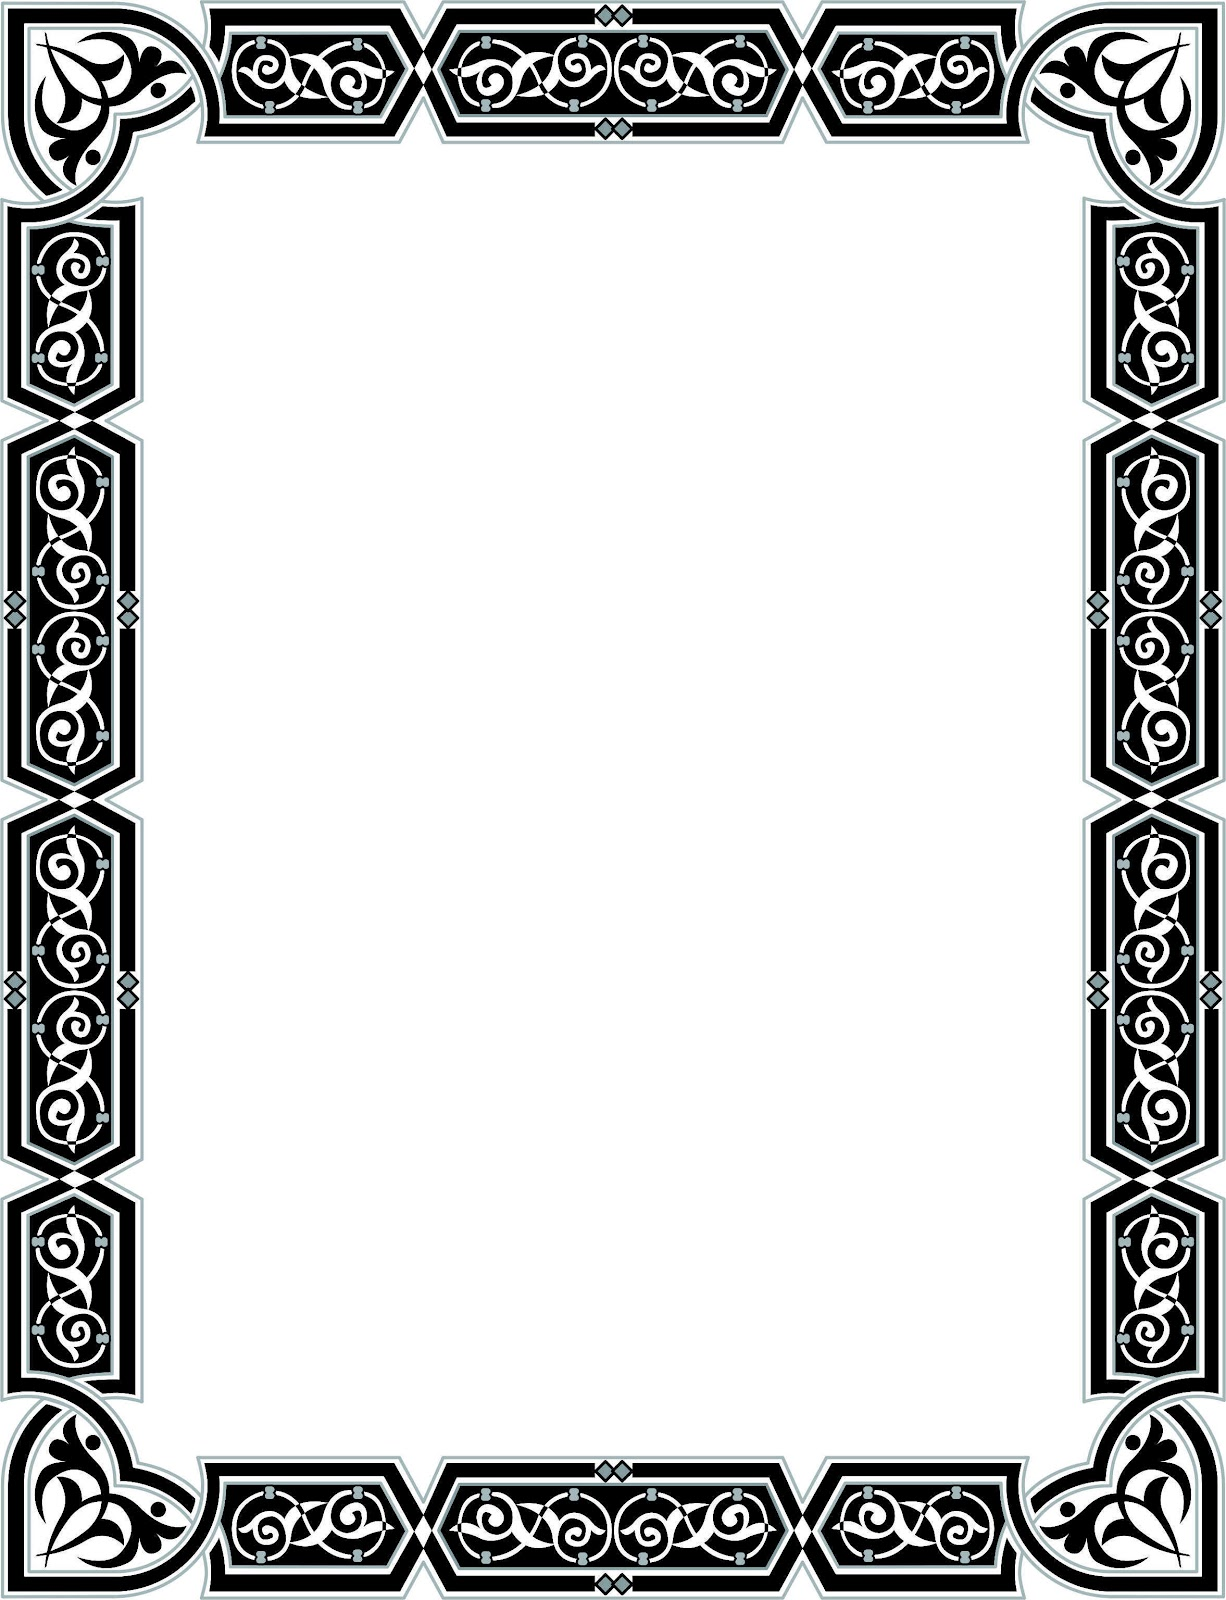 bingkai border piagam vector 6 banua sablon banua sablon